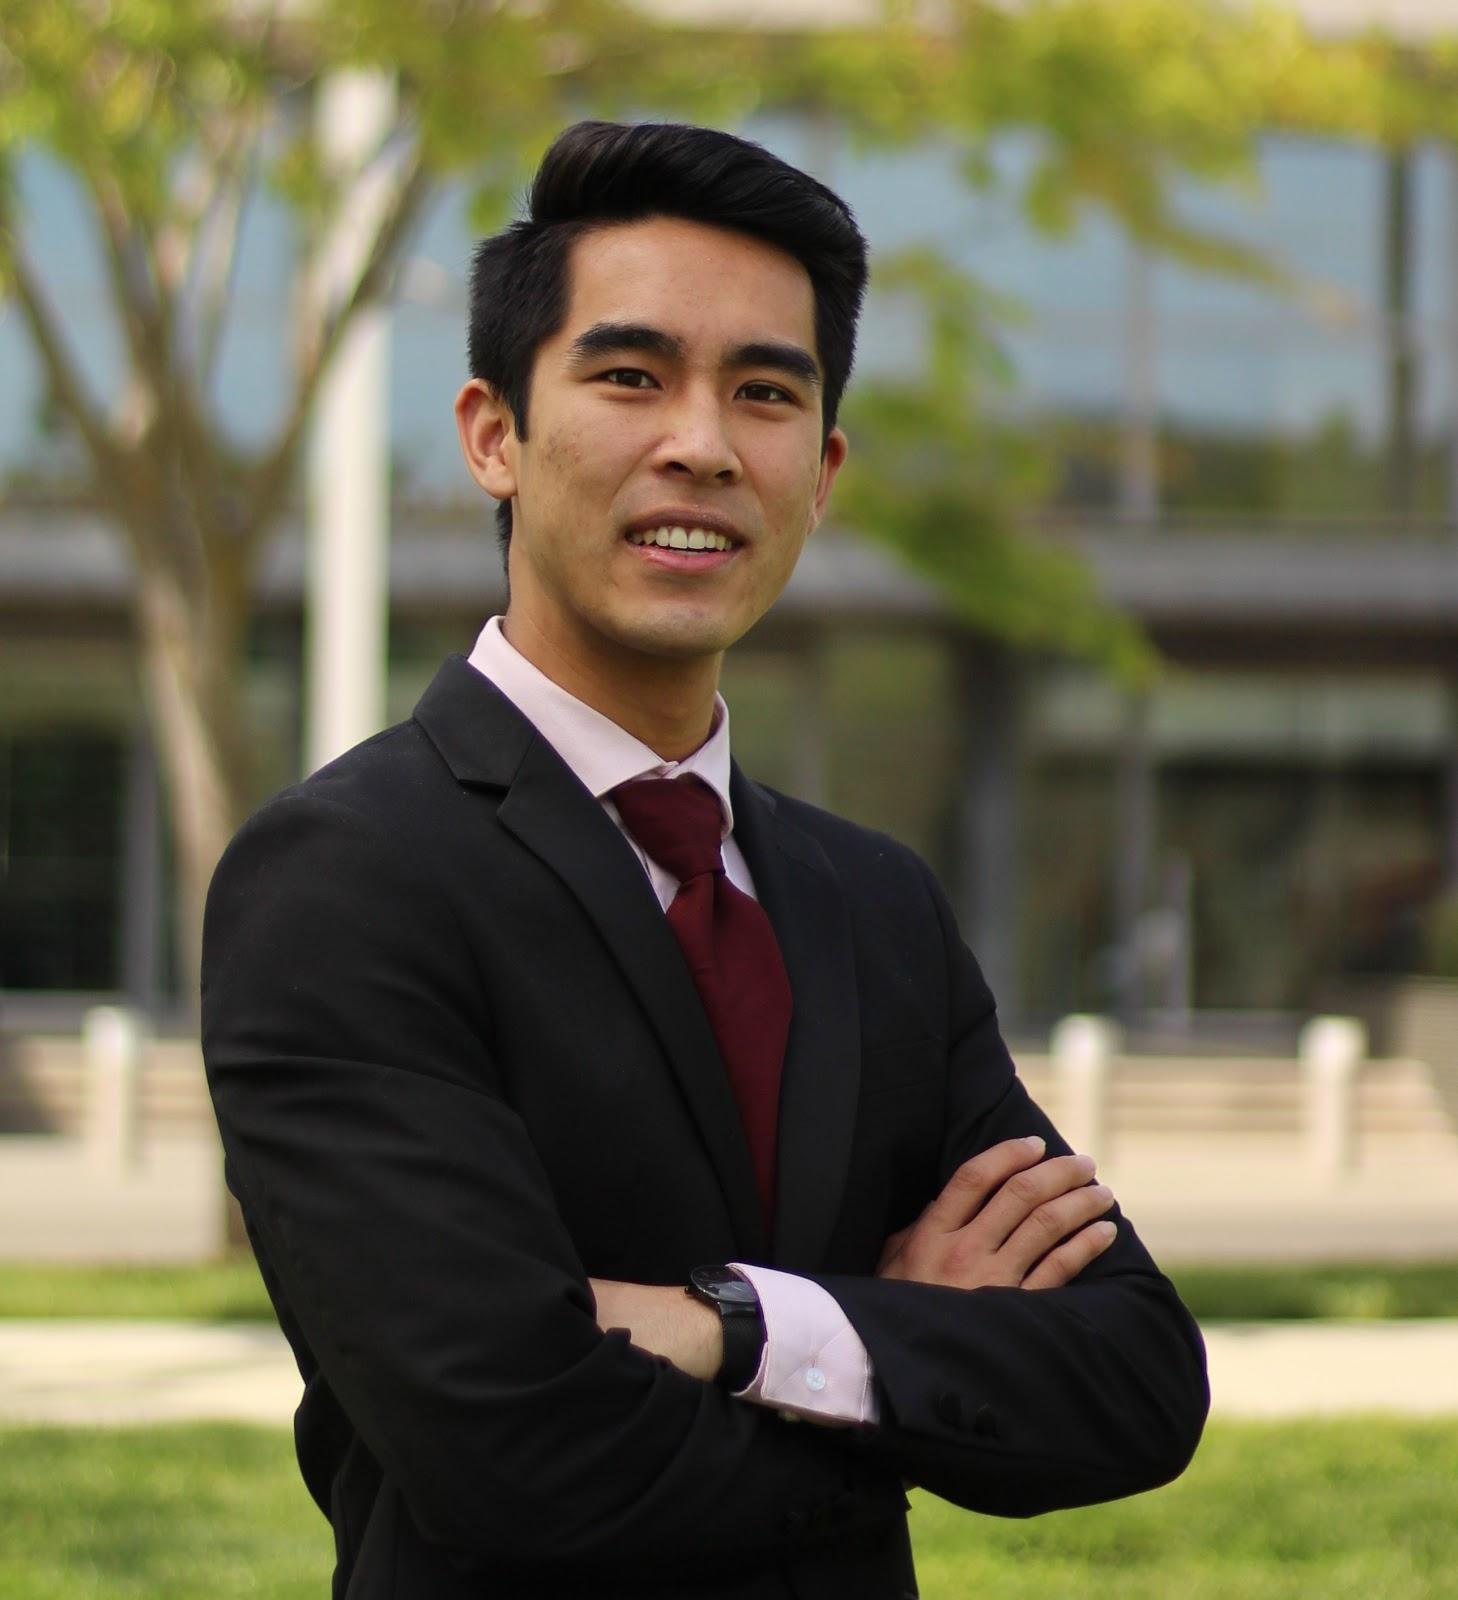 Cardiopulmonary: Eric Nguyen